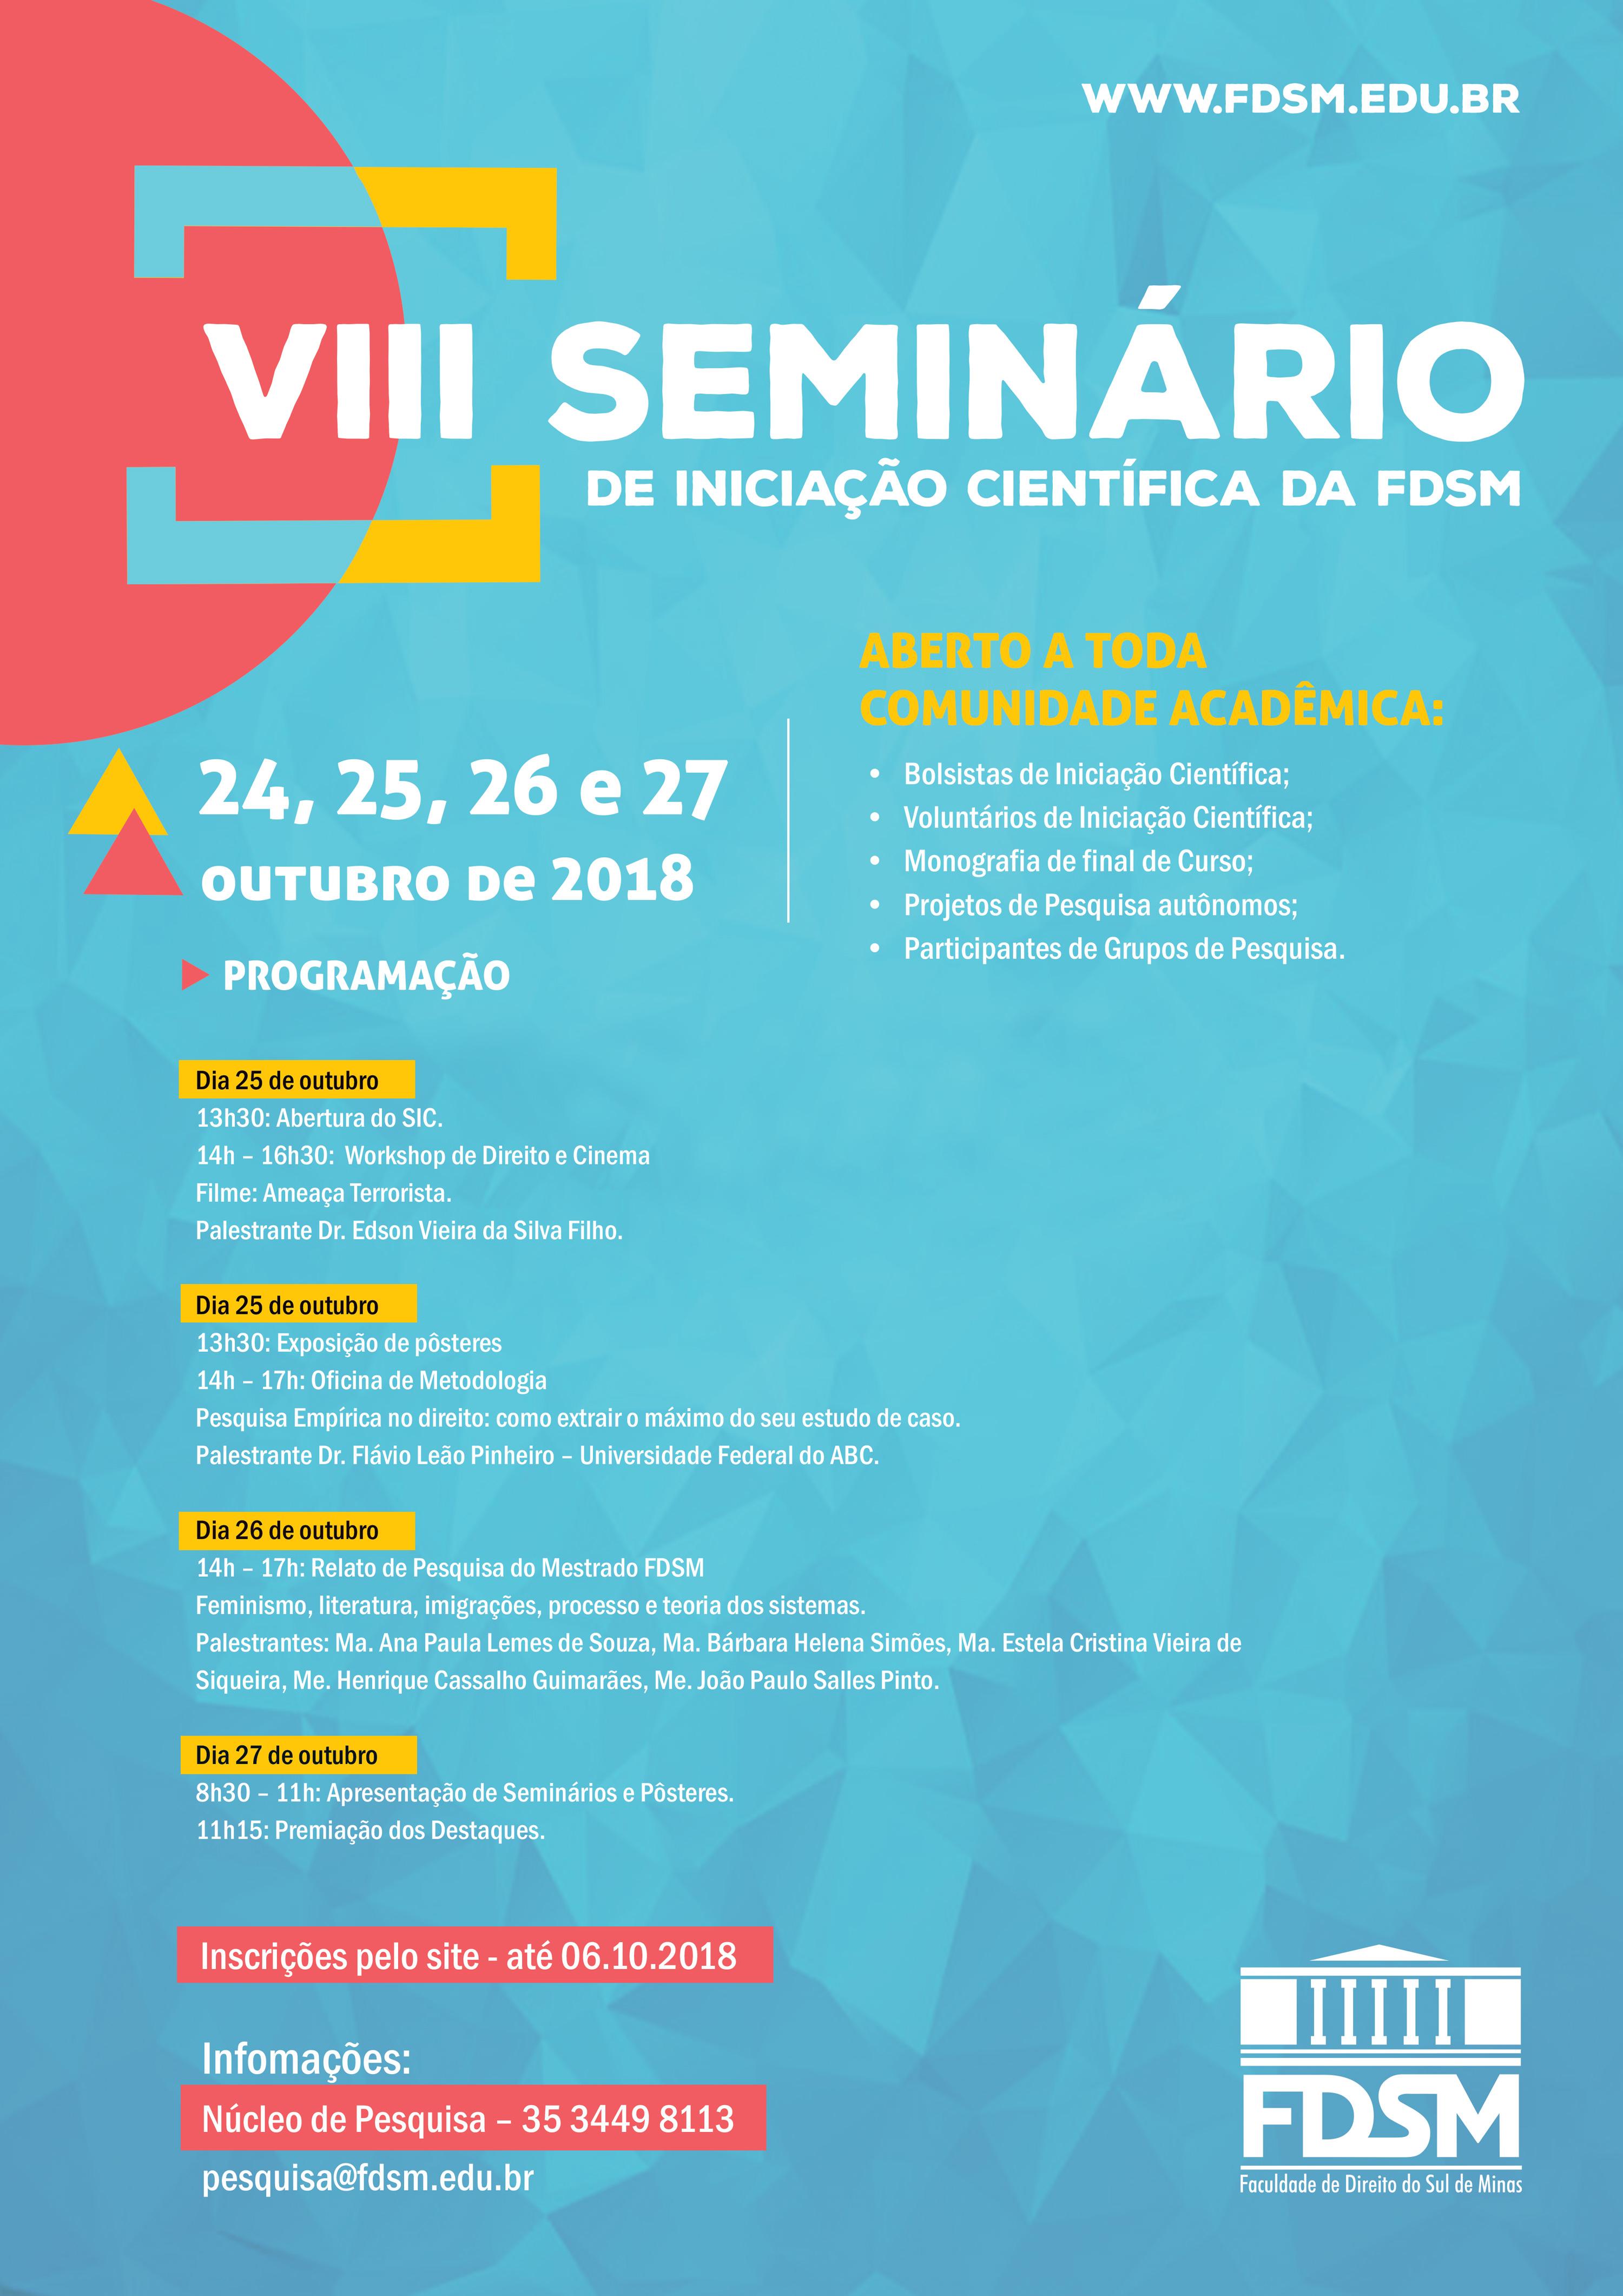 VIII Seminário de Iniciação Científica - Oficina de Metodologia